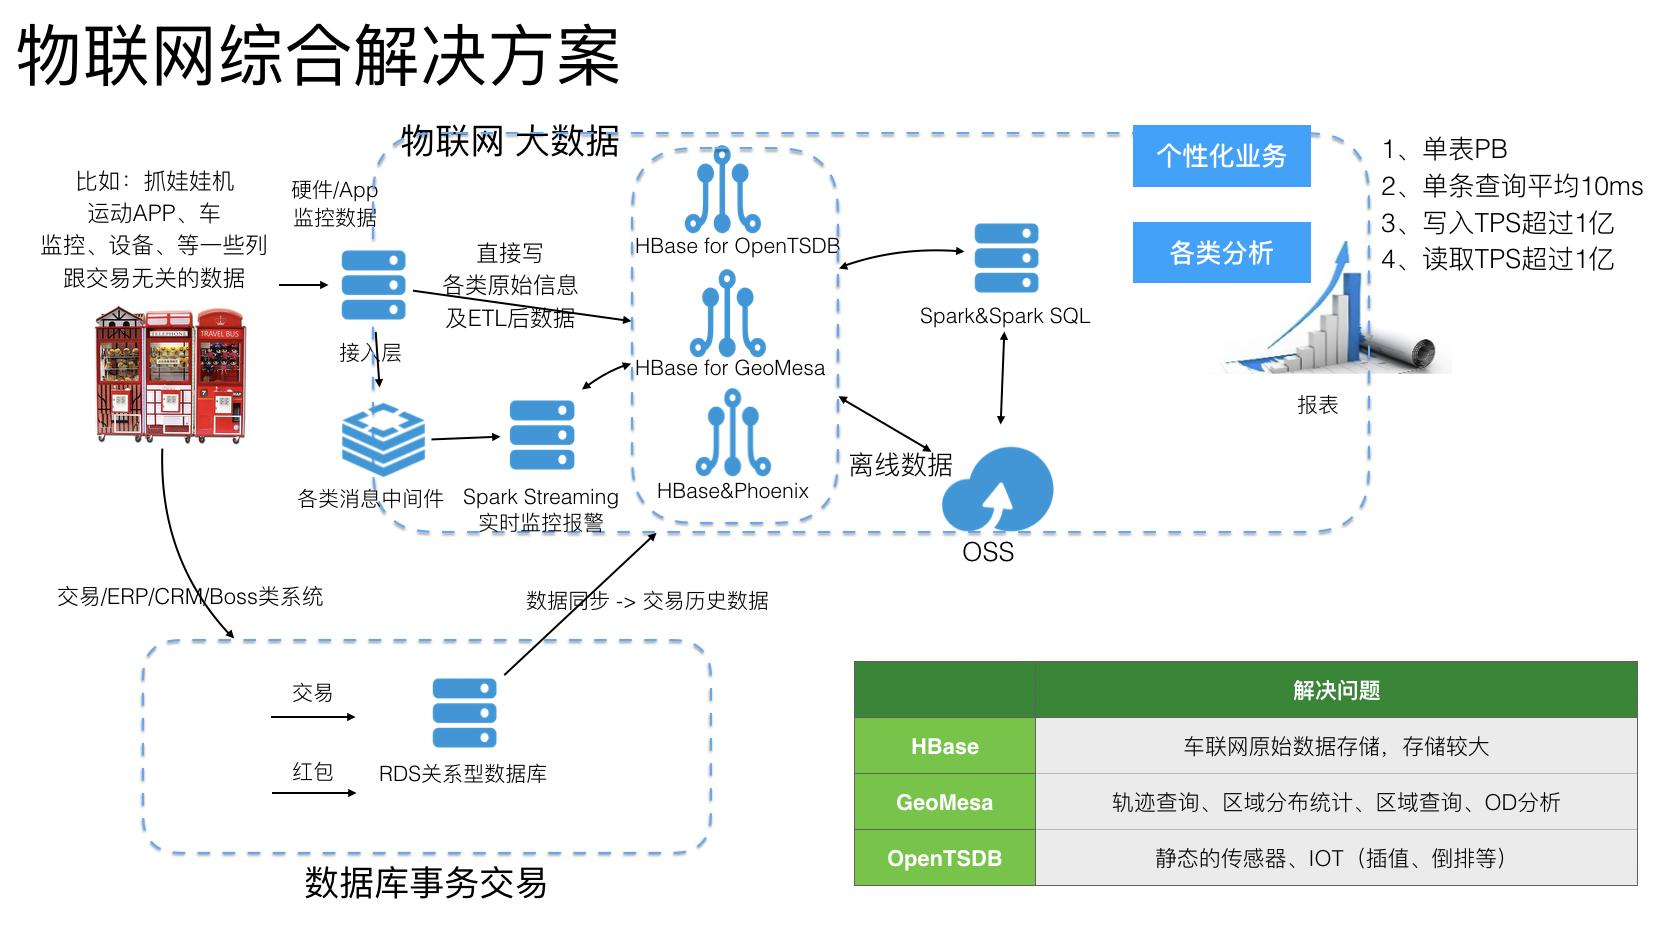 物联网基本架构